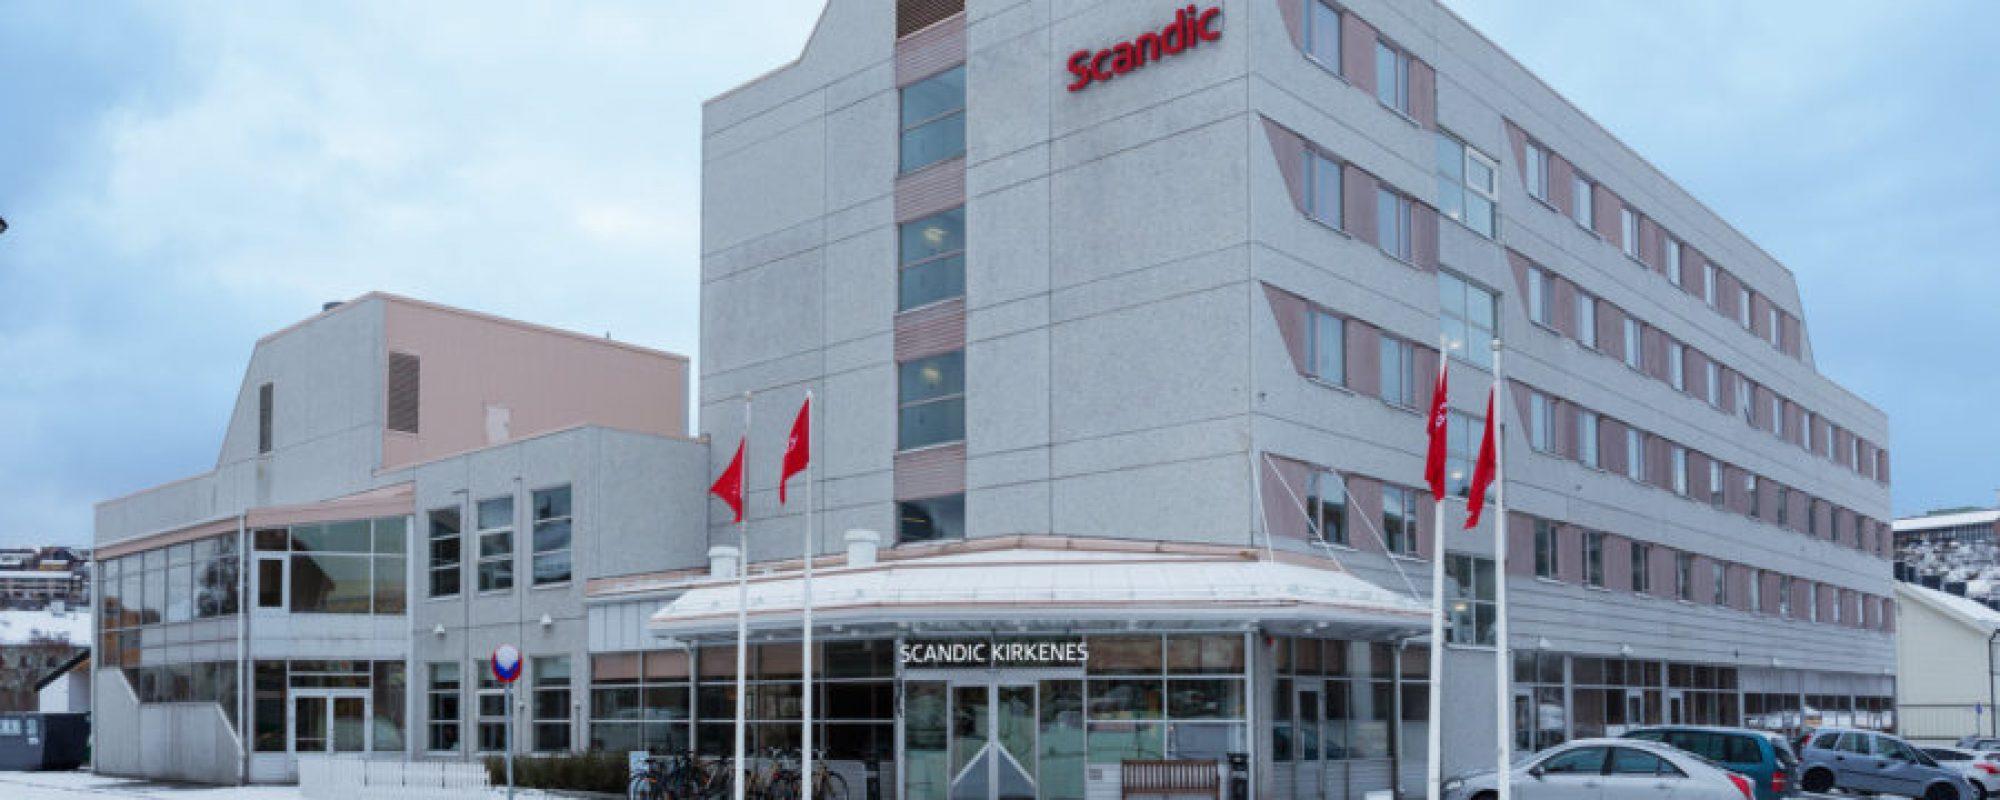 Scandic-Kirkenes-Exterior004